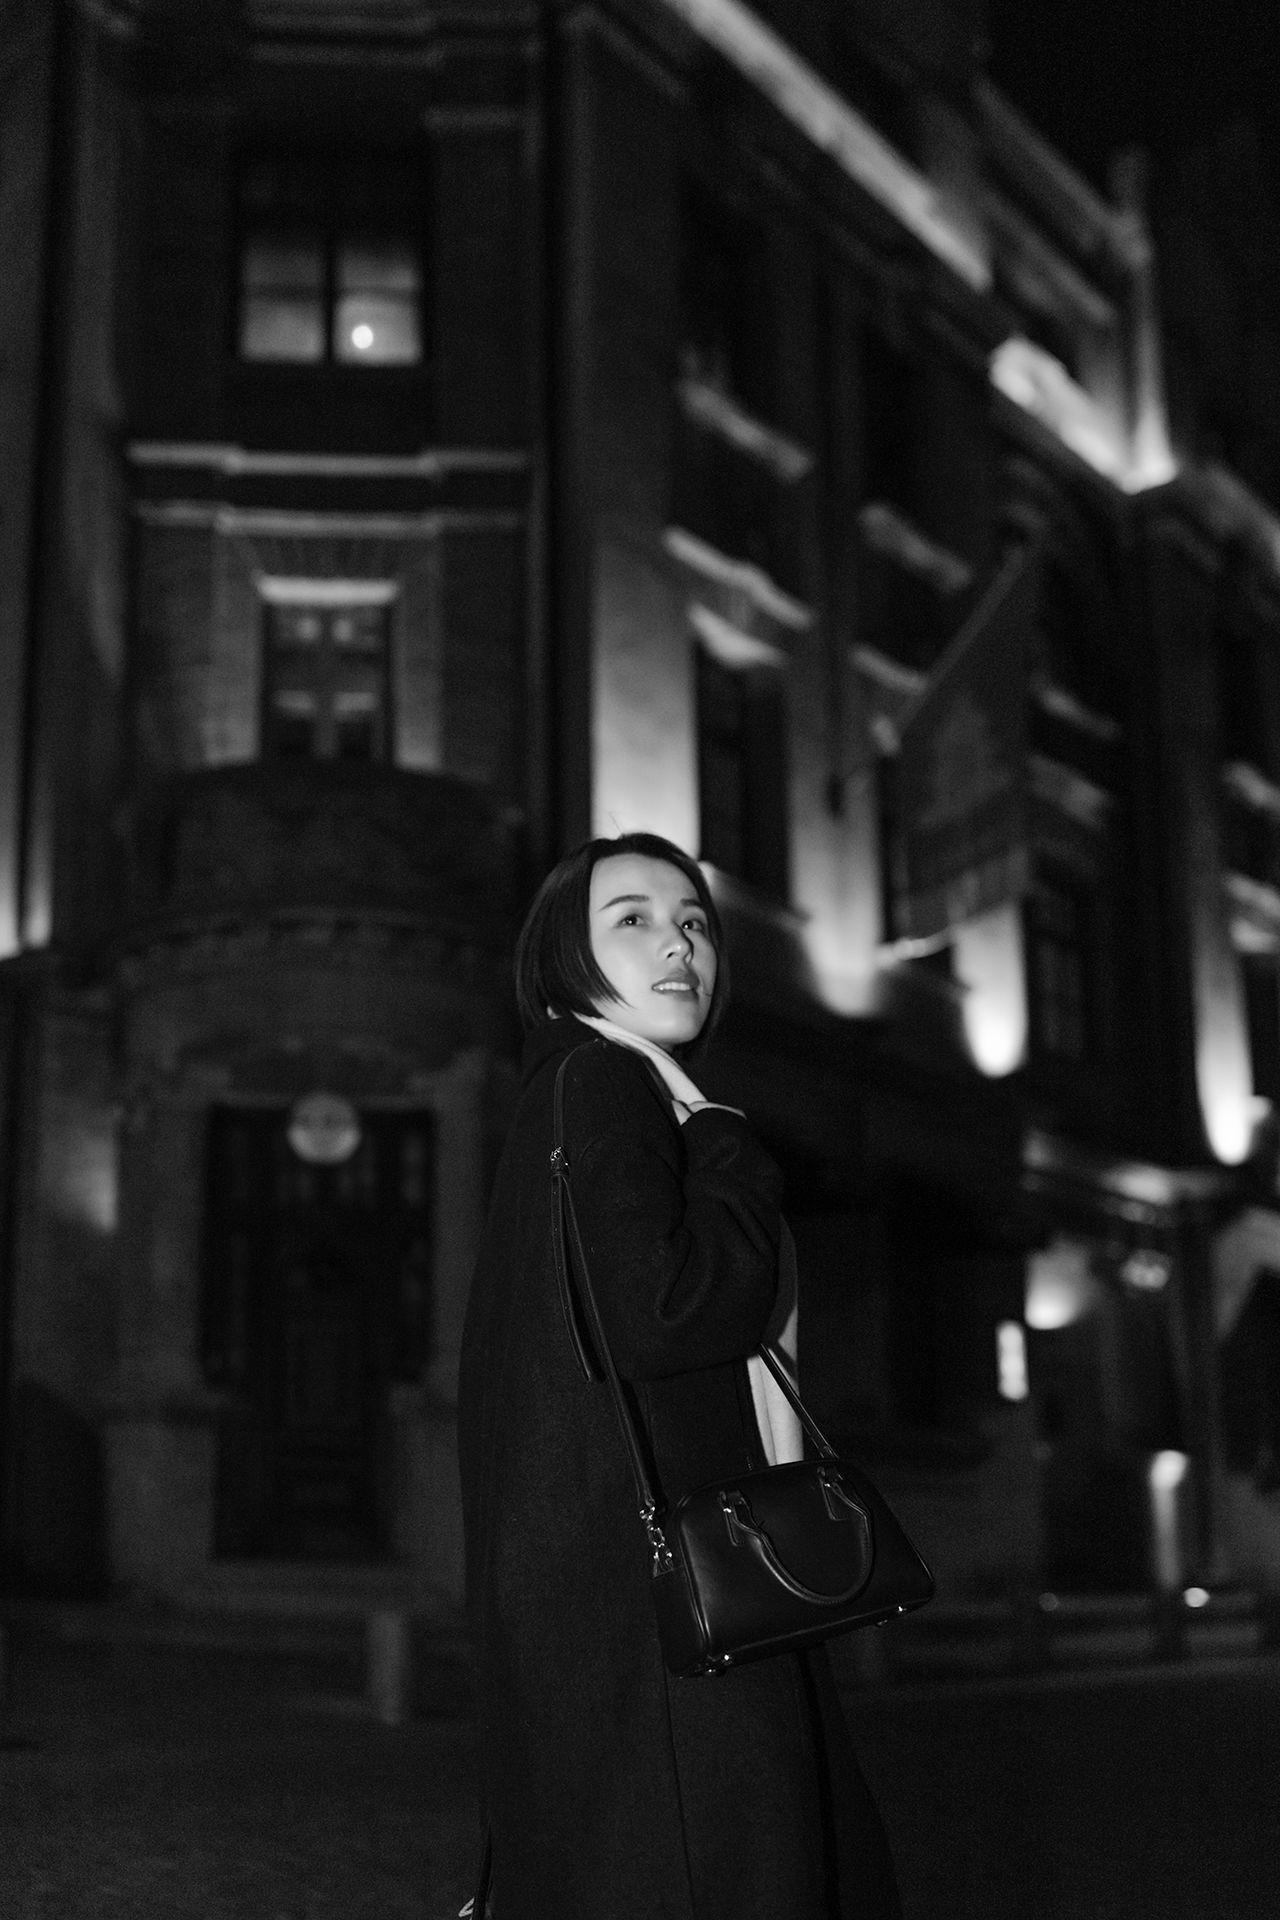 2019-01-01 外滩夜景街拍_摄影师郭小皓的返片